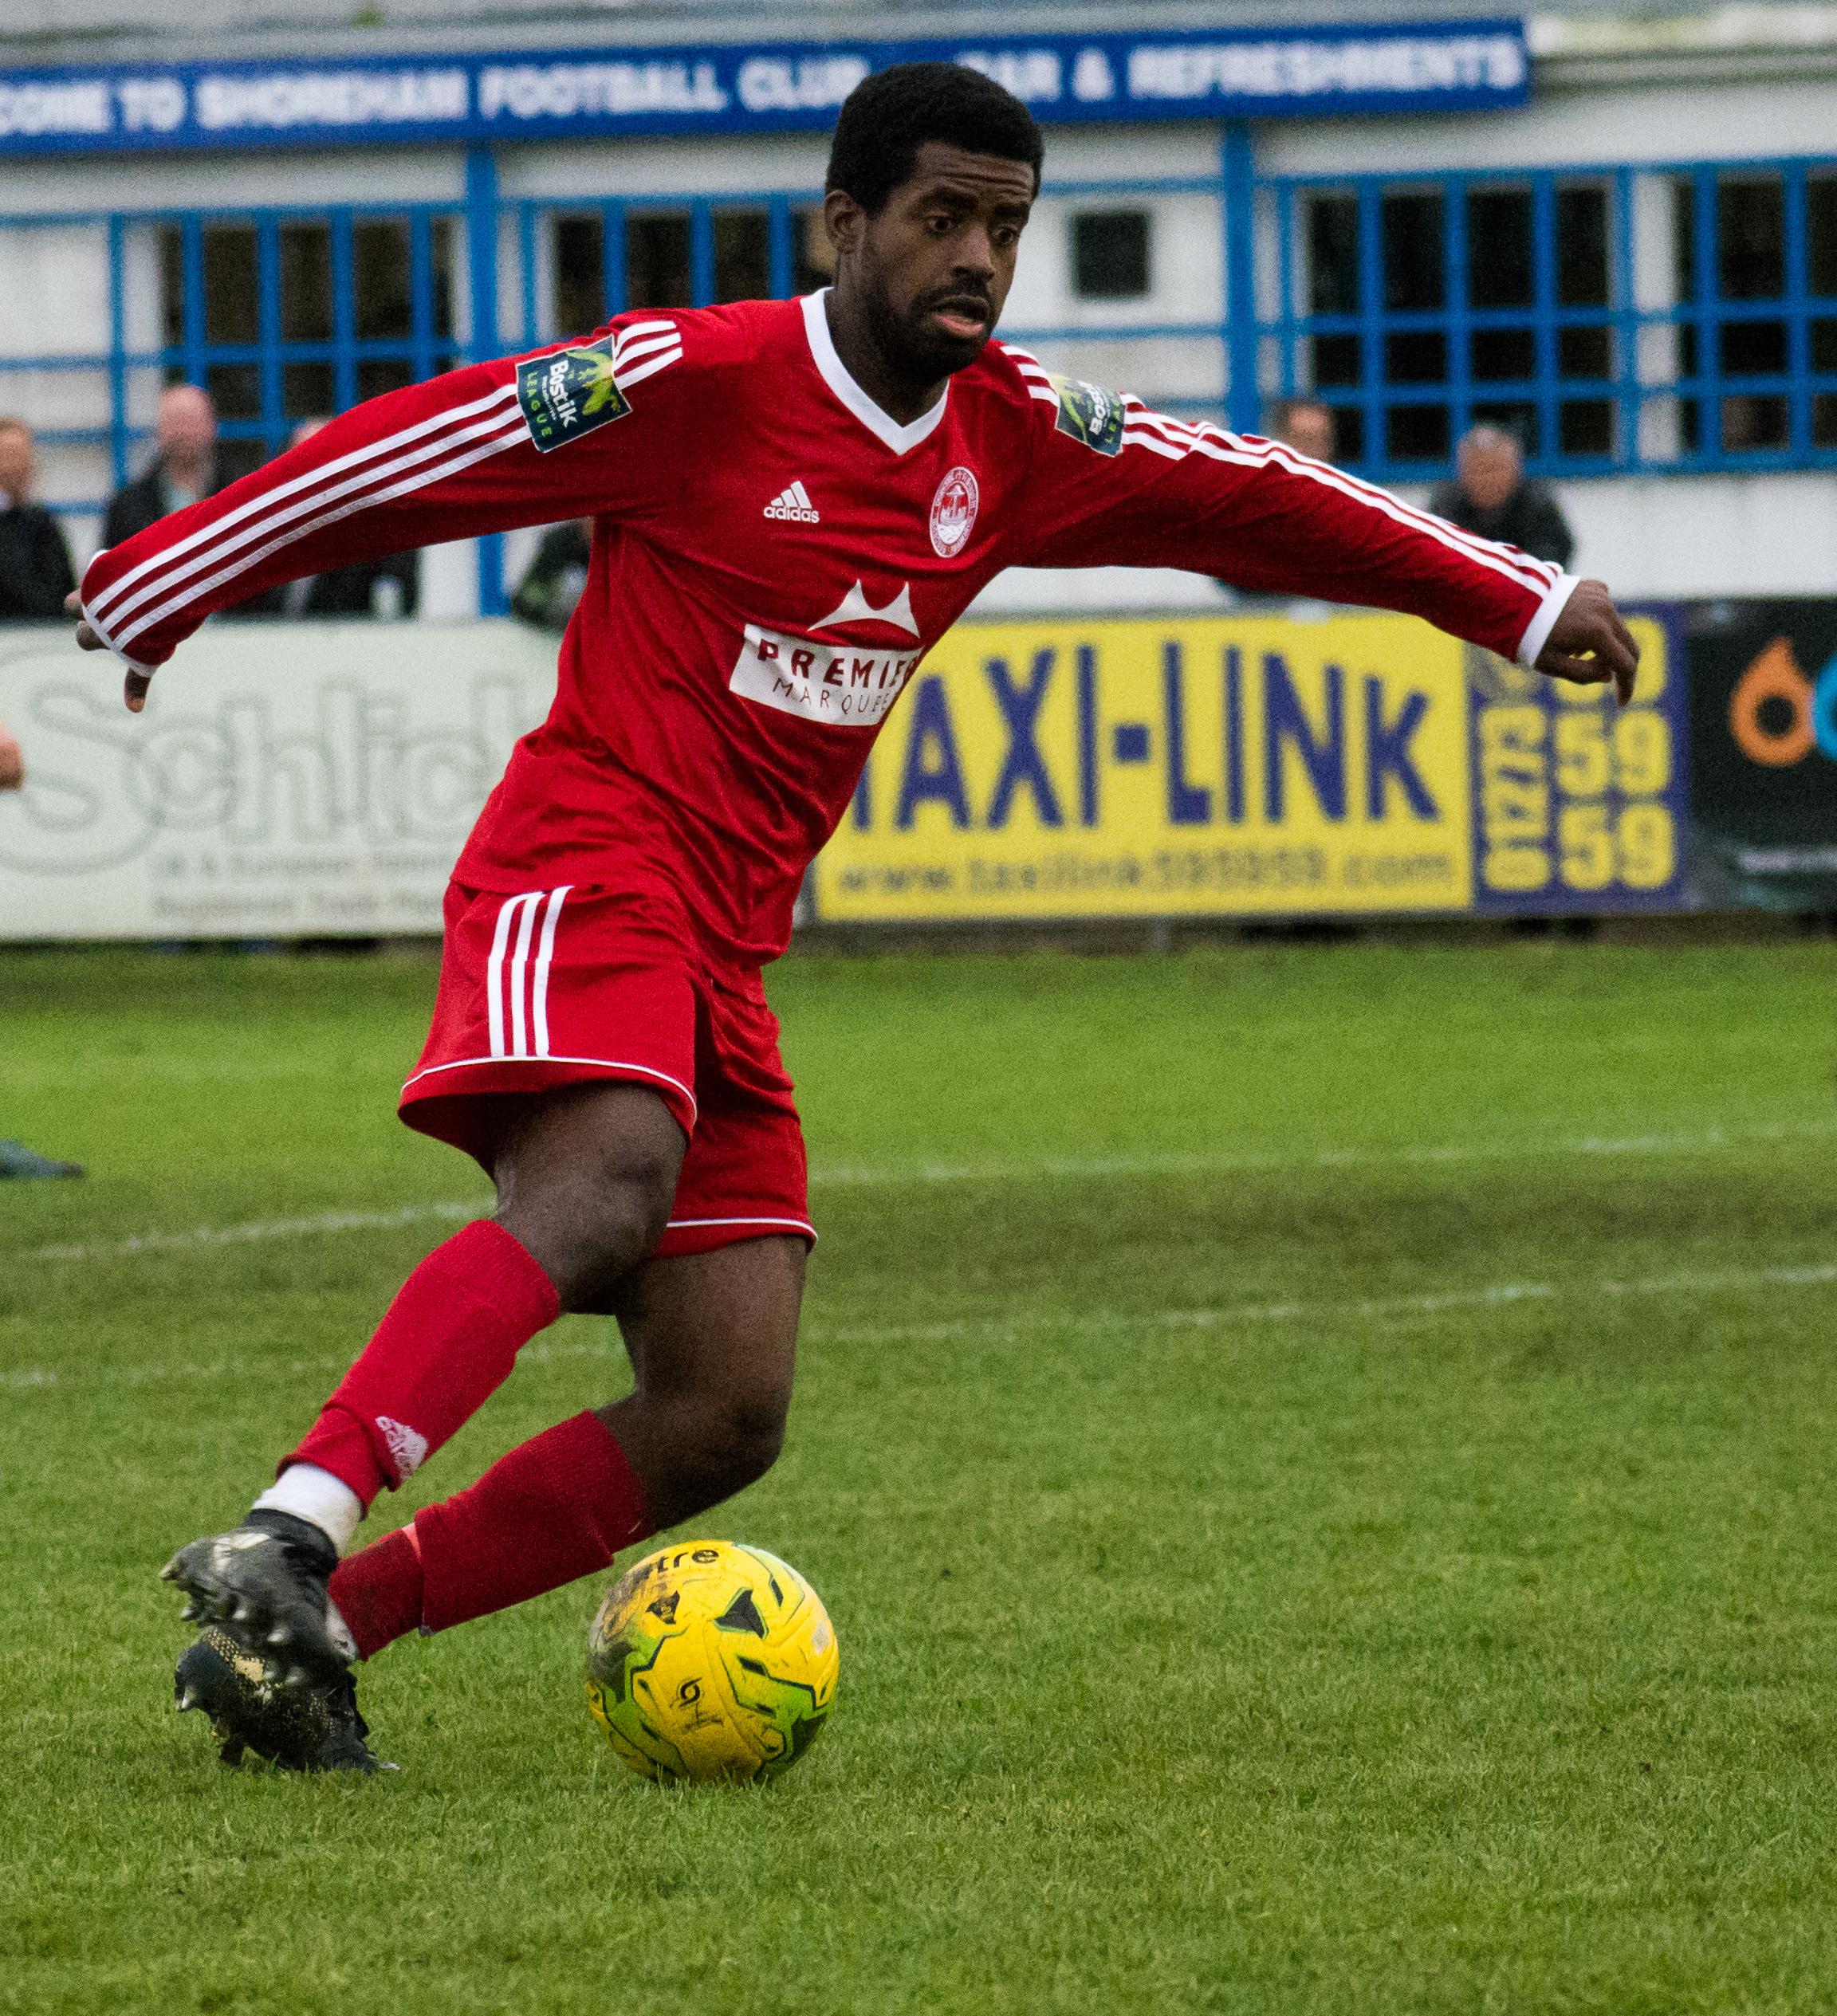 Shoreham FC vs Hythe Town 11.11.17 55